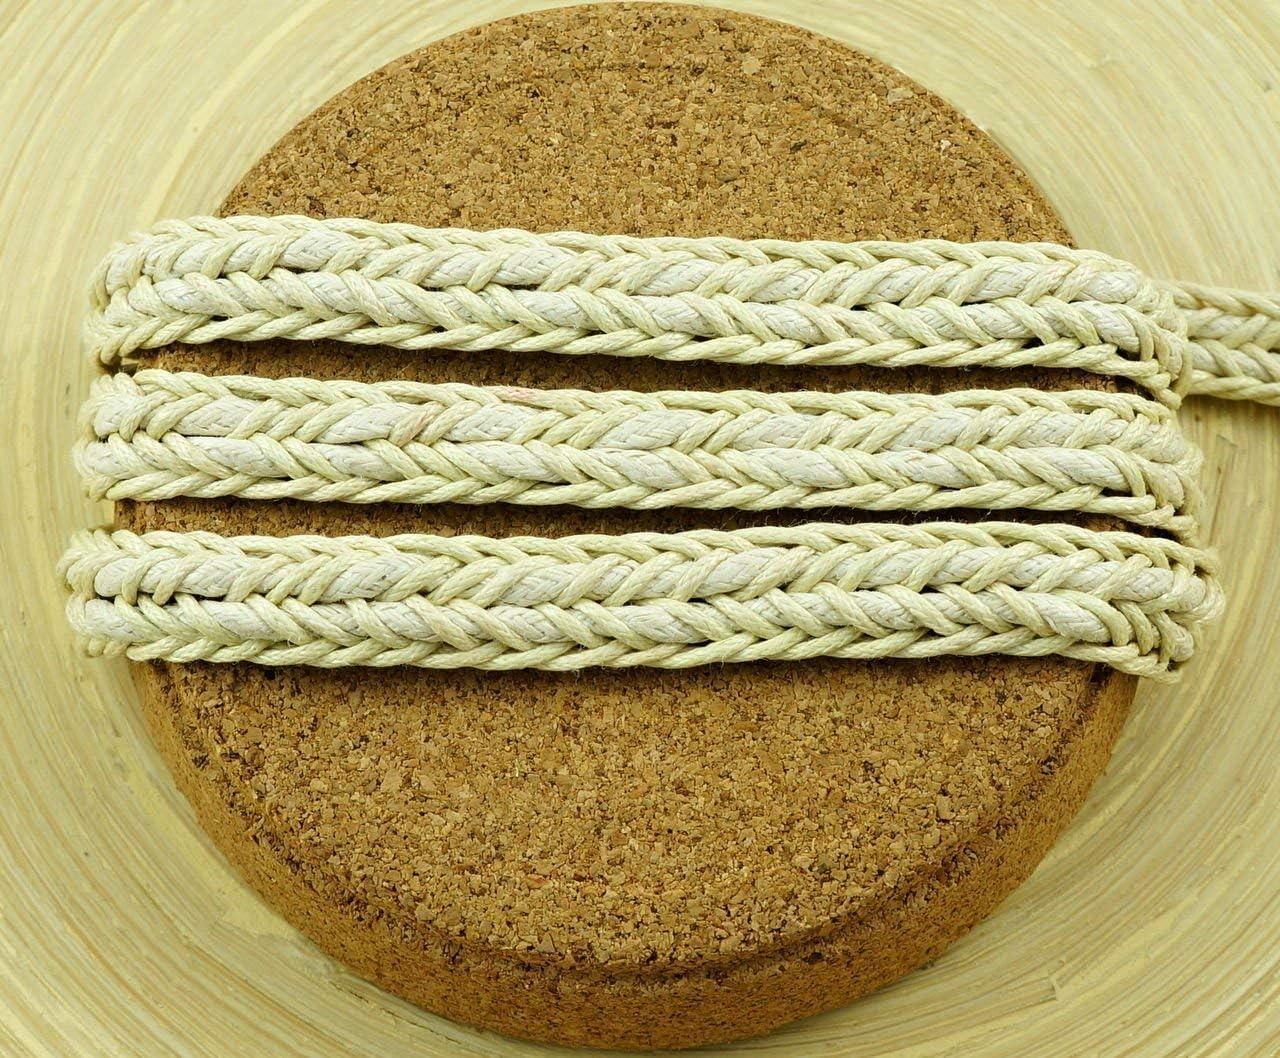 1M 3.3 Ft 1.1 Yds Marrón Beige Algodón Encerado Cordón Decorativo Abalorios de Cadena Trenzada de la Cuerda de Trenzado Pulsera de Cinta de Ancho Cordel Vegana 10mm: Amazon.es: Hogar